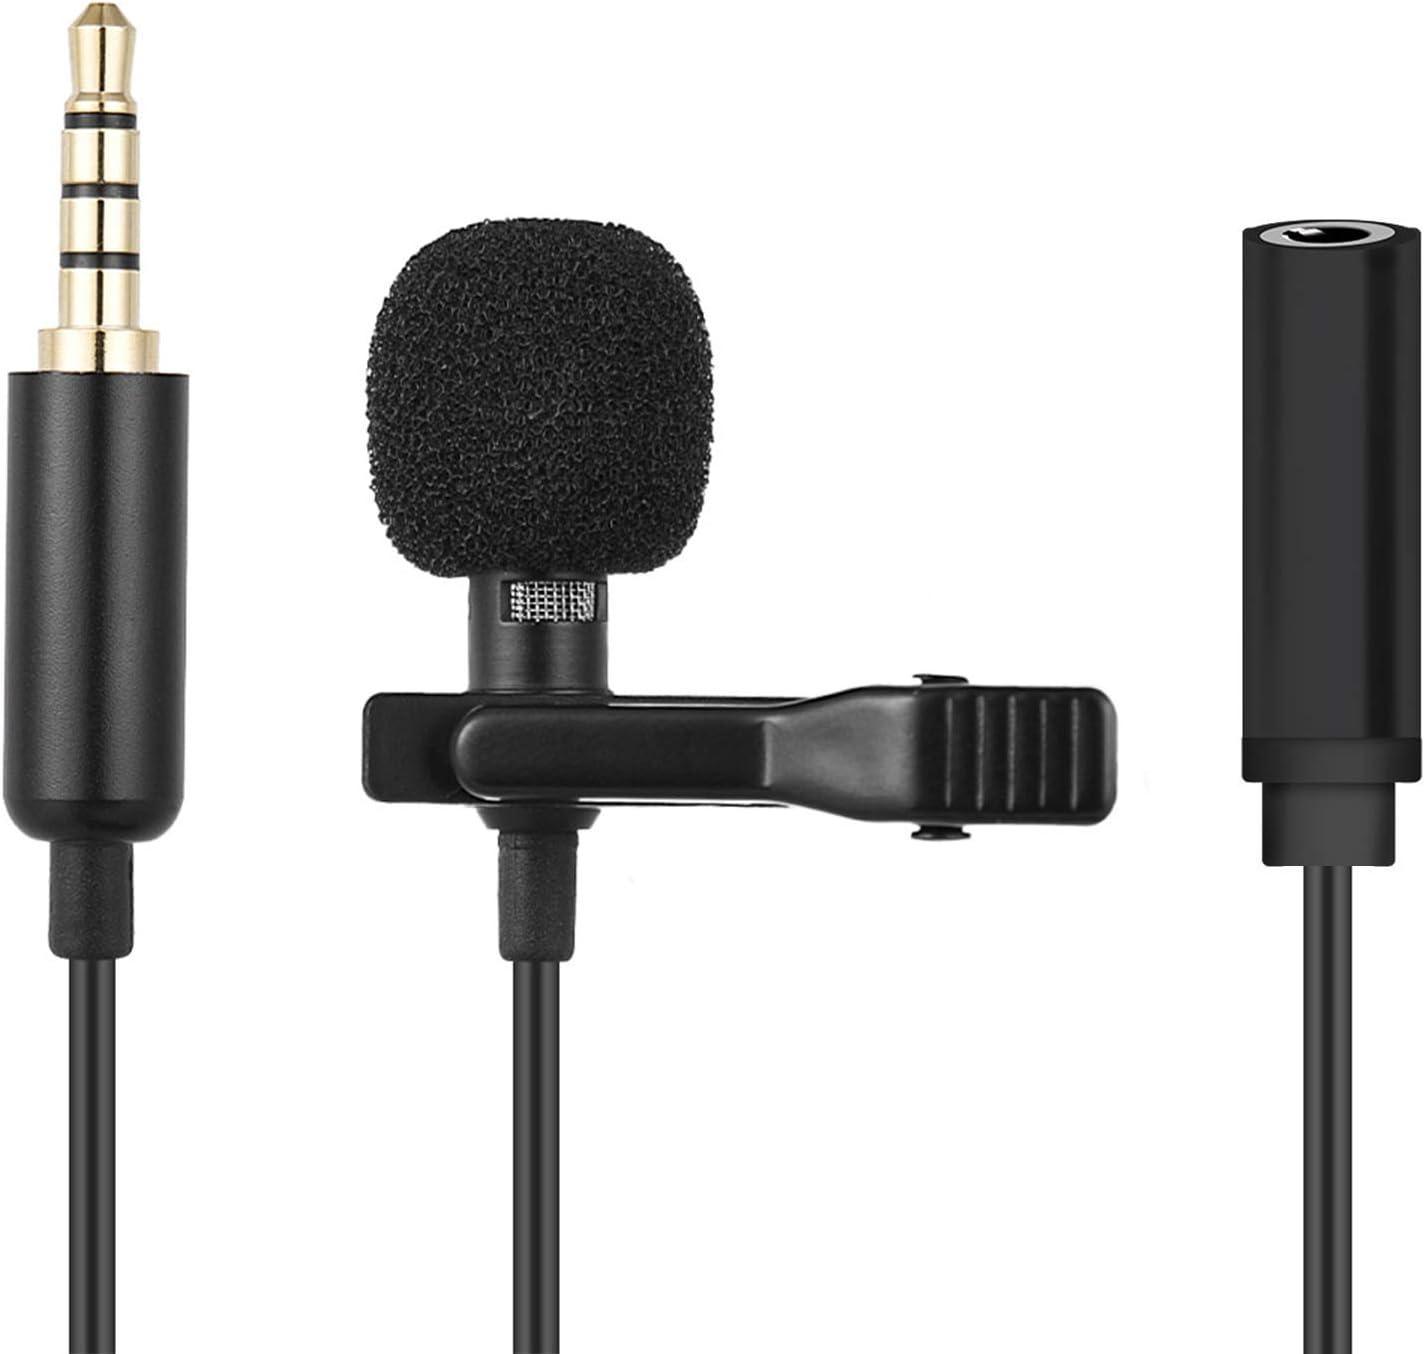 Blizim Externe Clip-on Lavalier Lapel Microphone Audio Video avec Port Casque